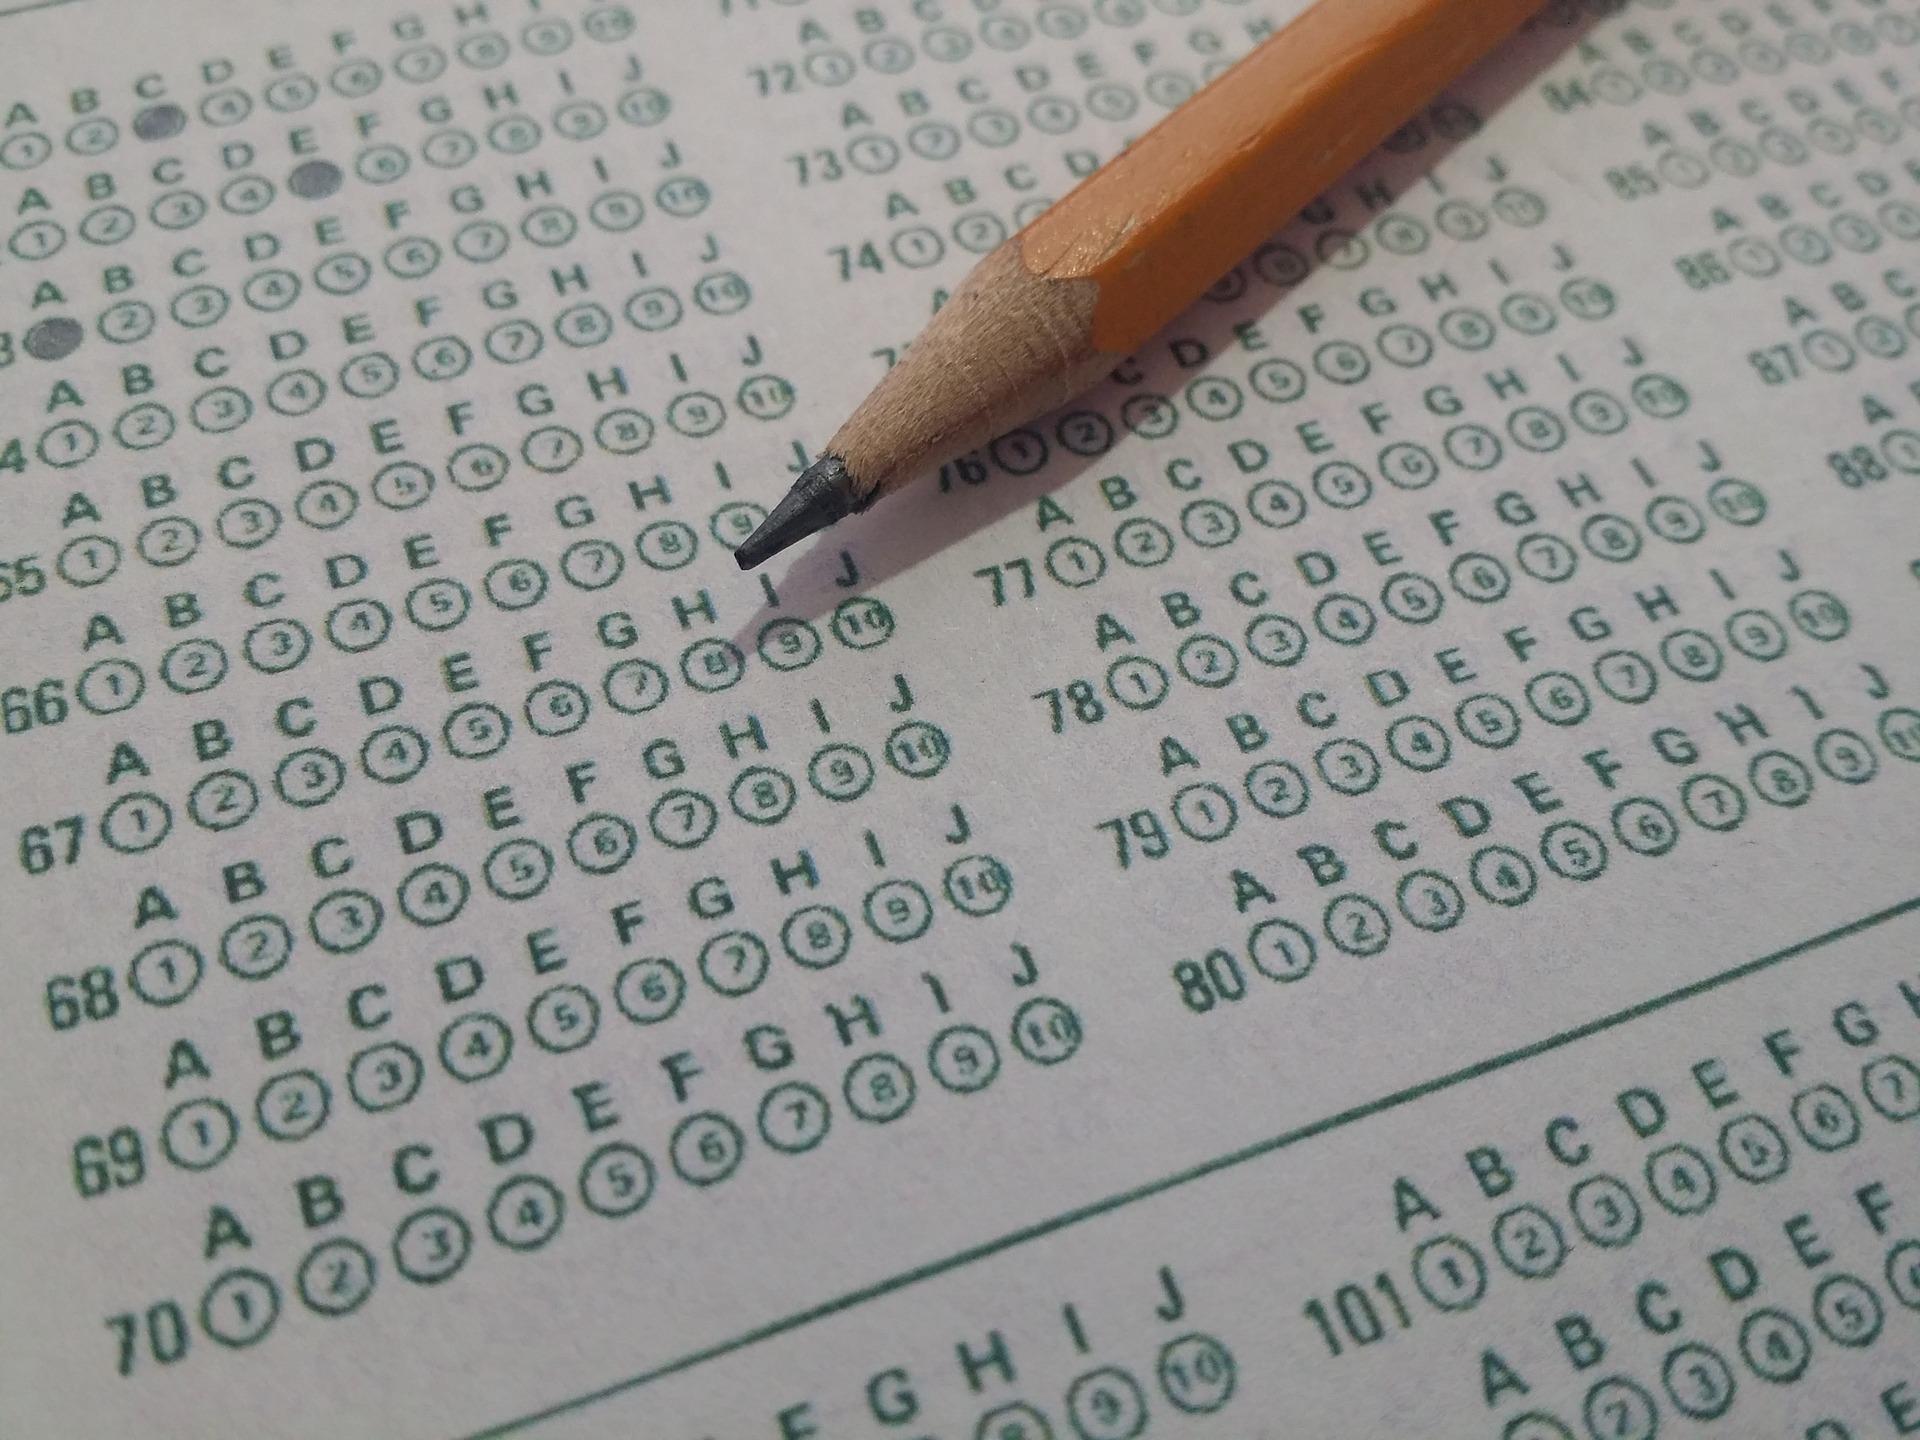 6.649 aspirantes realizaron anteayer el examen de aptitud para el ejercicio de la Abogacía correspondiente a la convocatoria de 2020